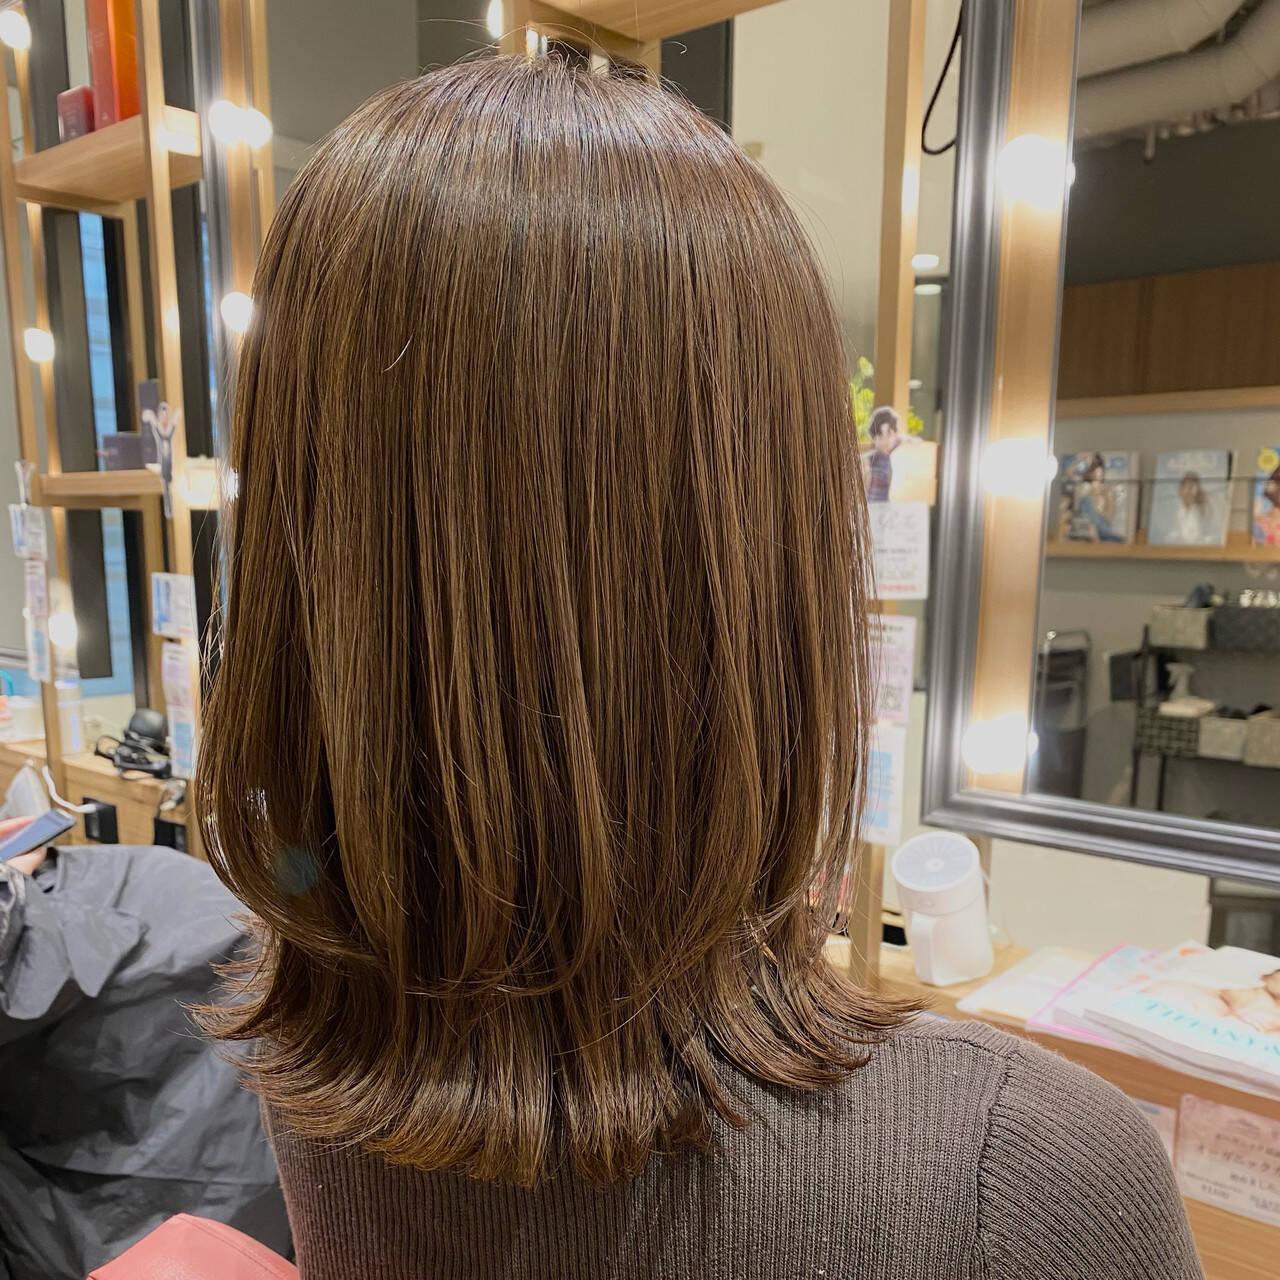 ミディアムレイヤー ミディアム ナチュラル レイヤーカットヘアスタイルや髪型の写真・画像